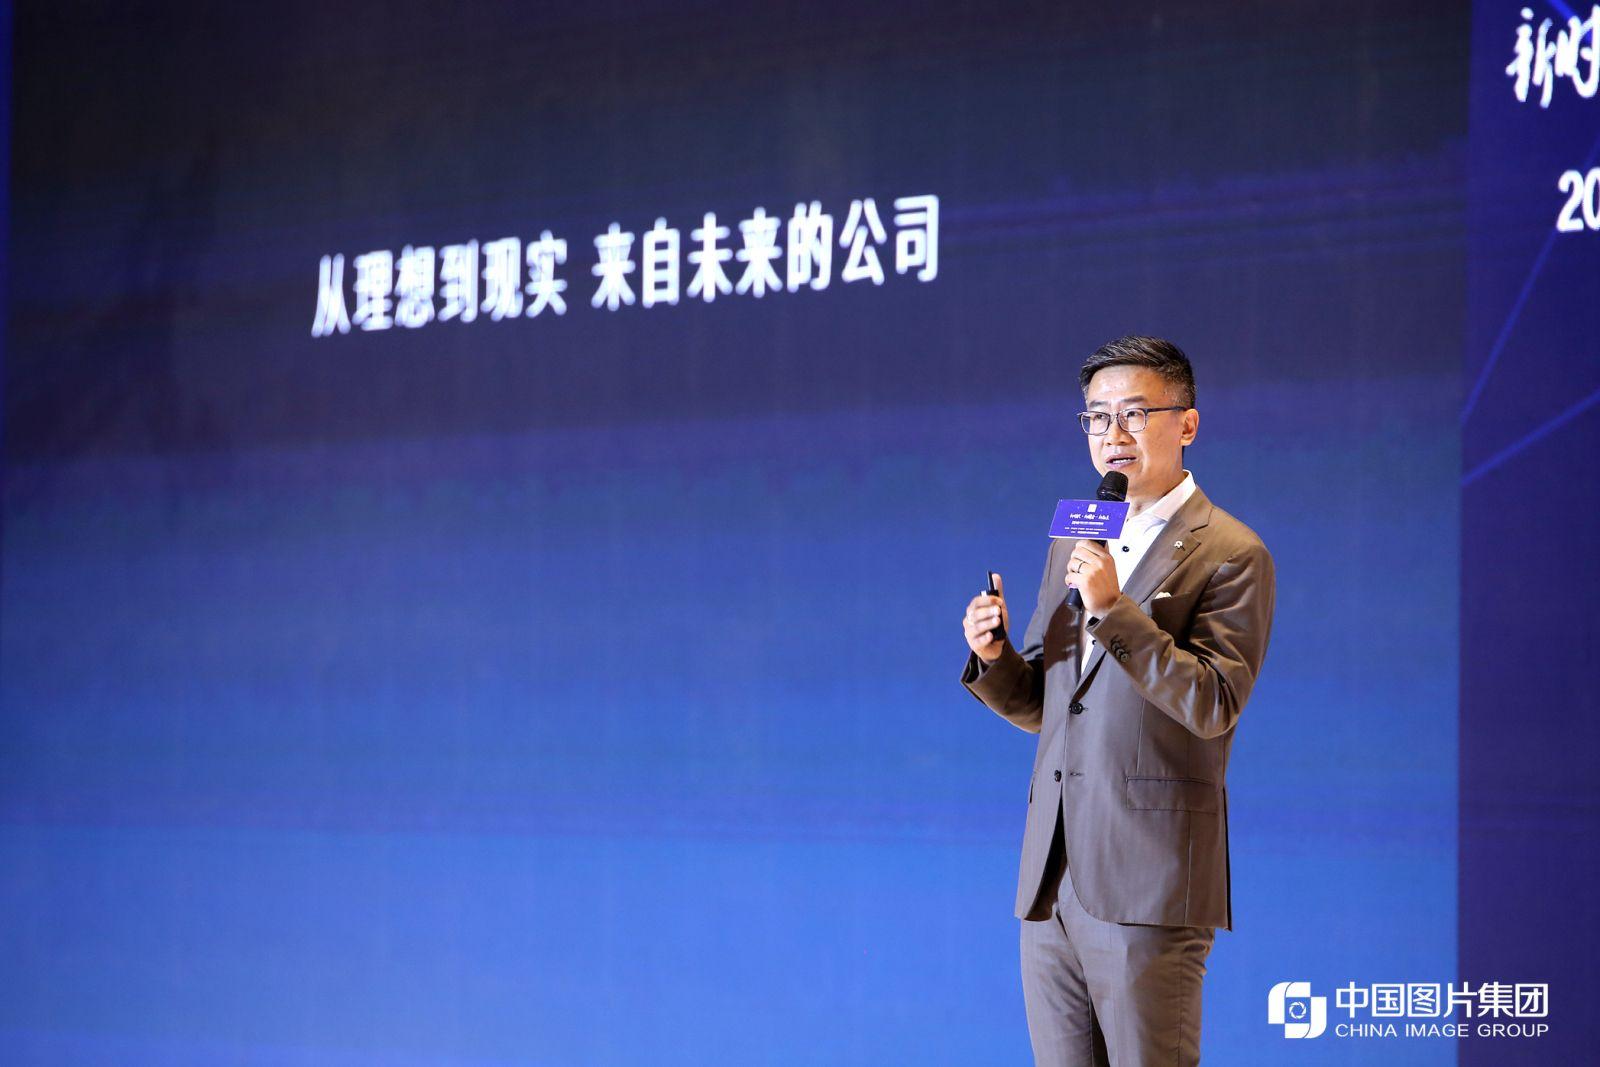 蔚来汽车用户发展副总裁朱江进行主题演讲。